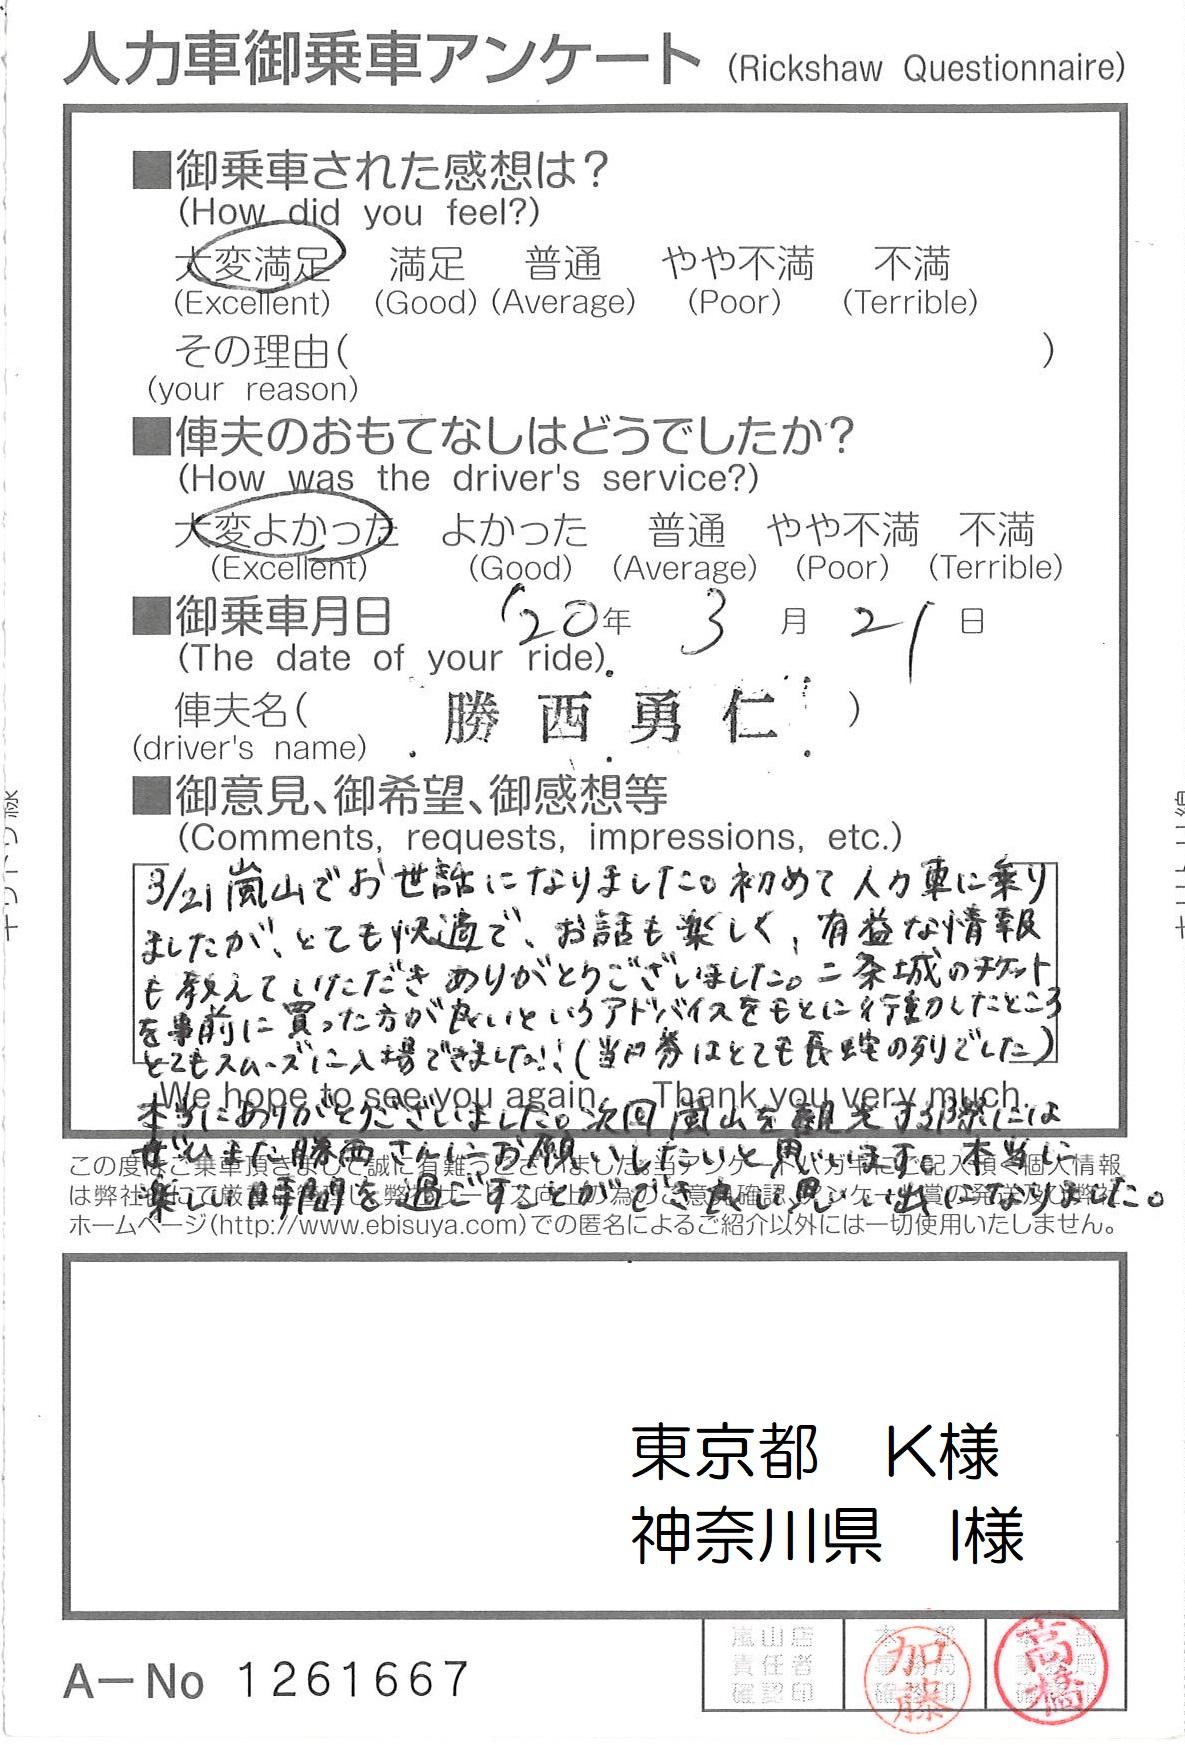 東京都 K様・神奈川県 I様